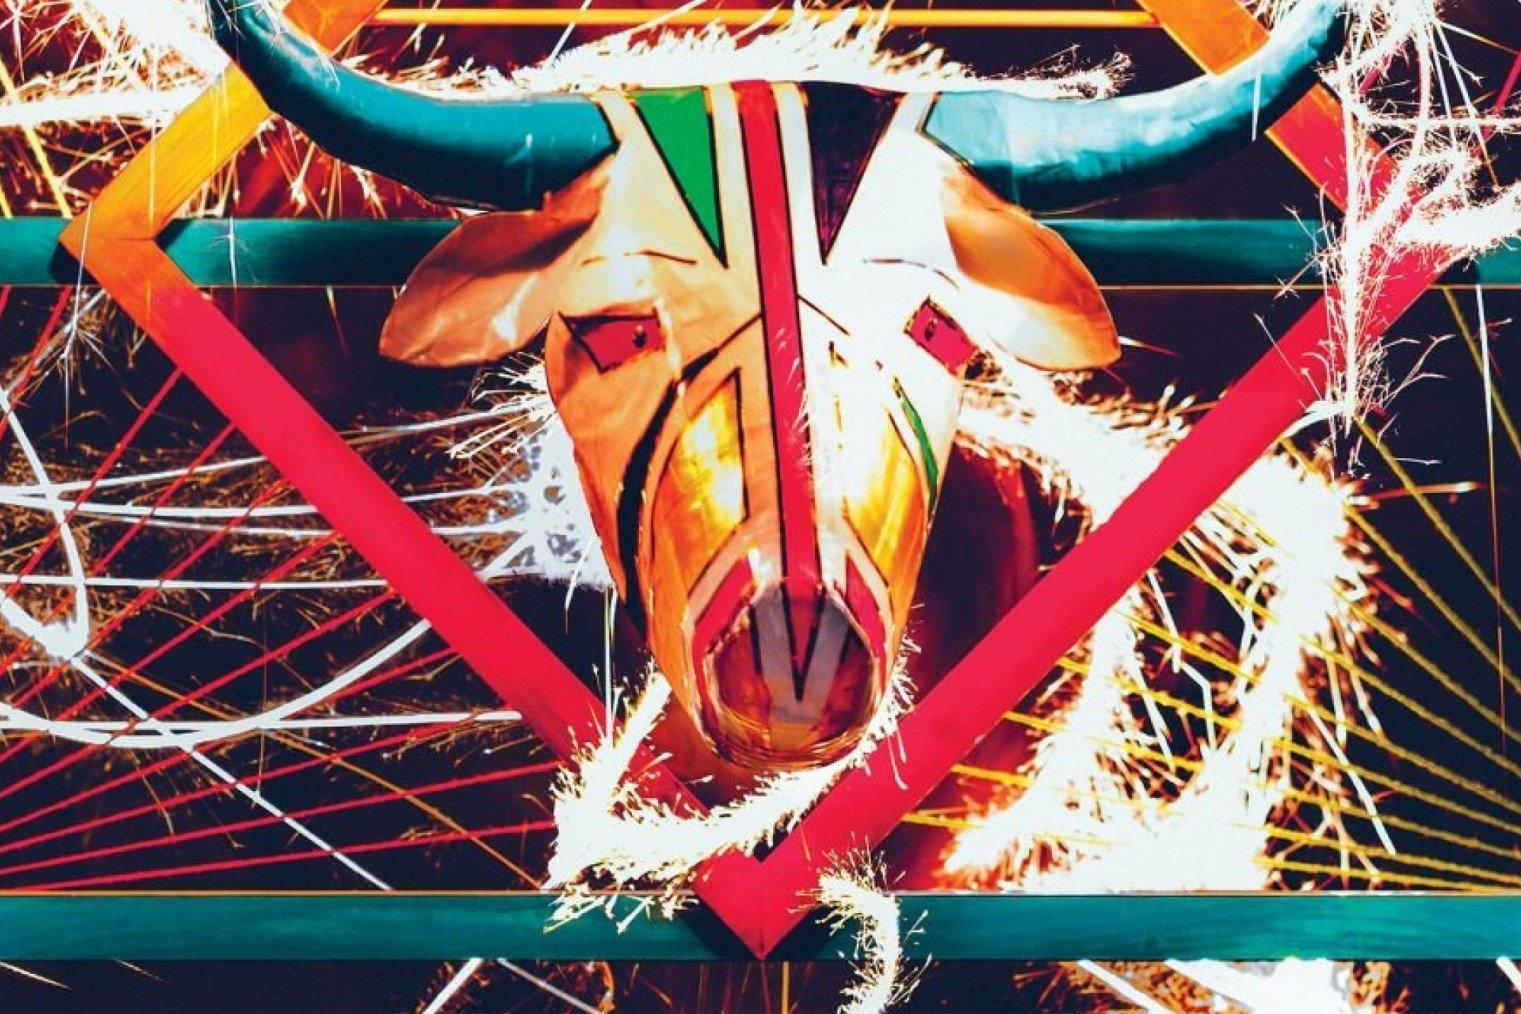 Pyrotechnic Festival, Tultepec, Mexico. Пиротехнический фестиваль, Тультепек.